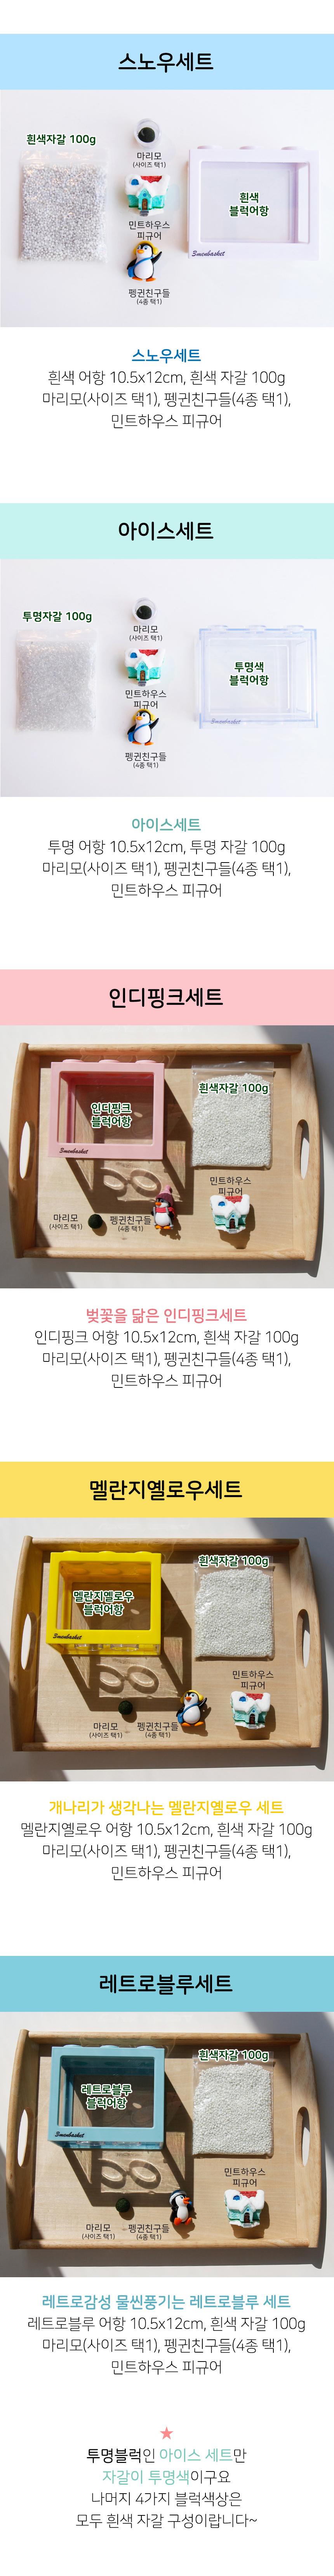 펭귄마을 국산 마리모 키우기 DIY 세트 - 세남자바스켓, 12,800원, 키우기, 식물